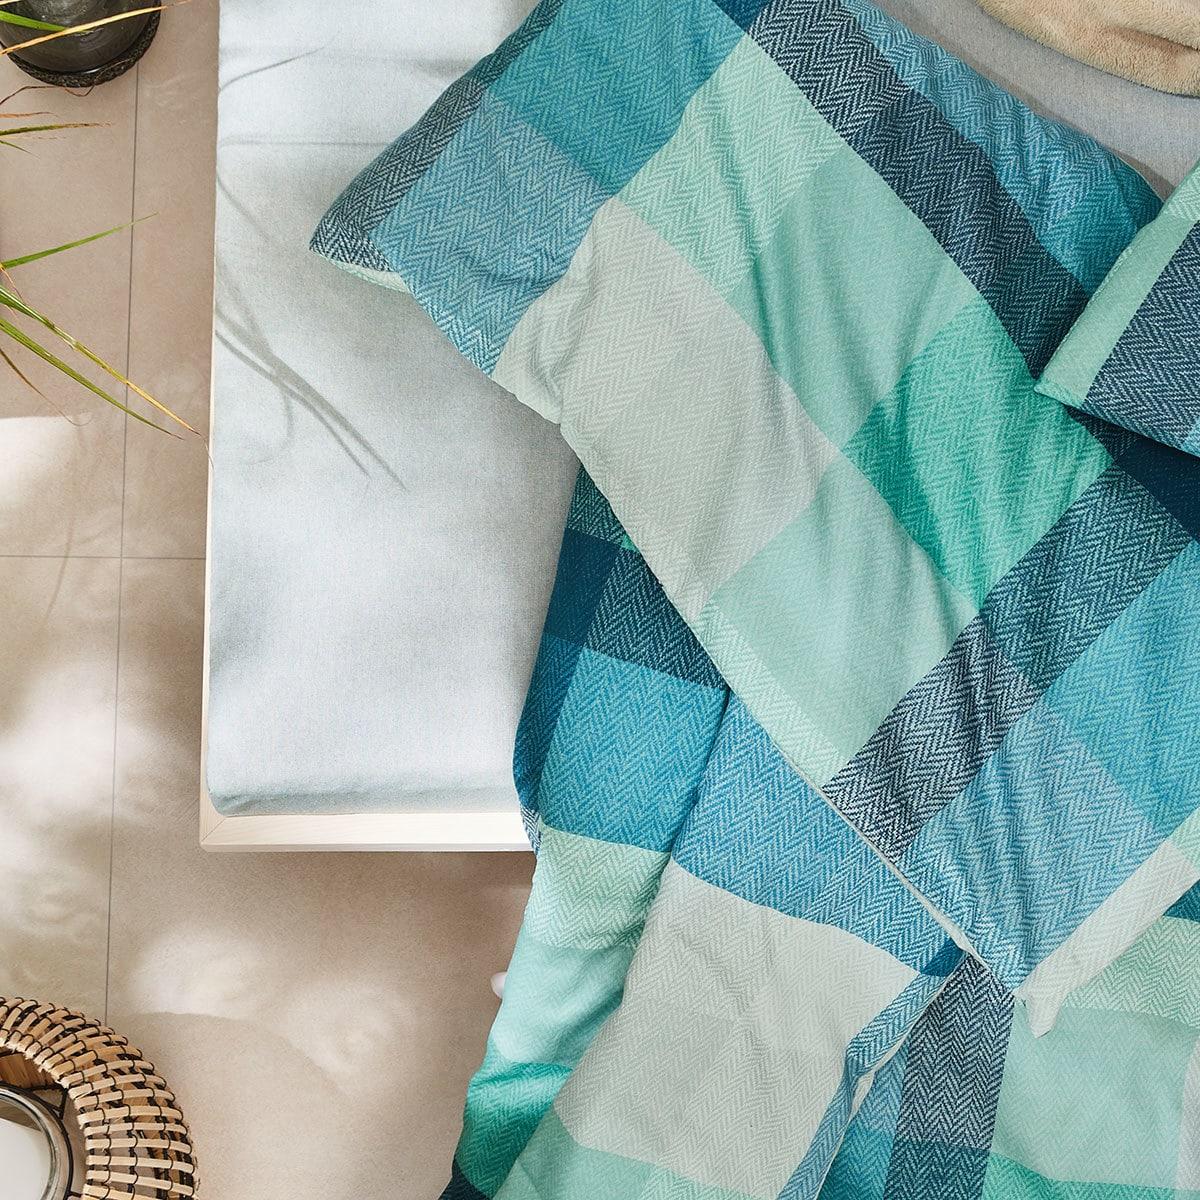 s oliver bettw sche 4042 640 g nstig online kaufen bei bettwaren shop. Black Bedroom Furniture Sets. Home Design Ideas